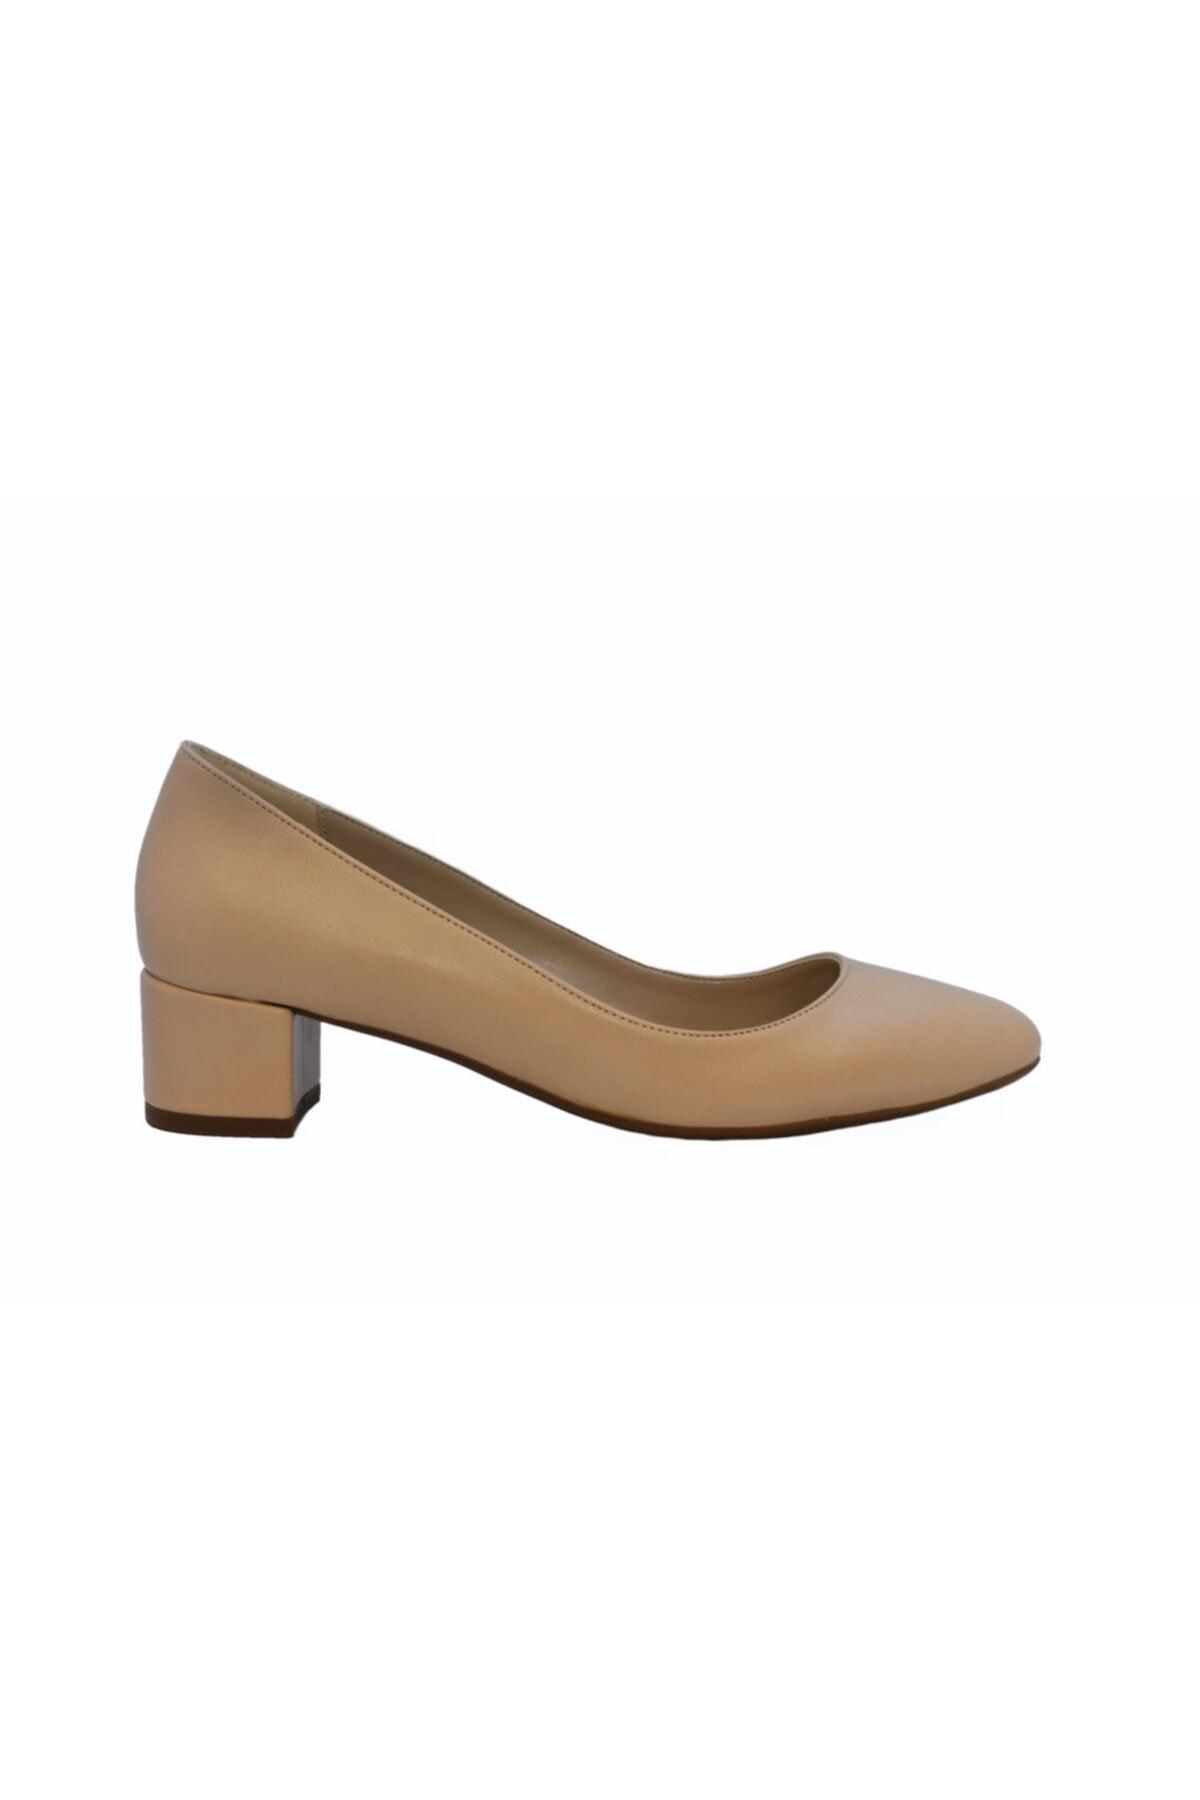 DİVUM Pudra Topuklu Ayakkabı 1